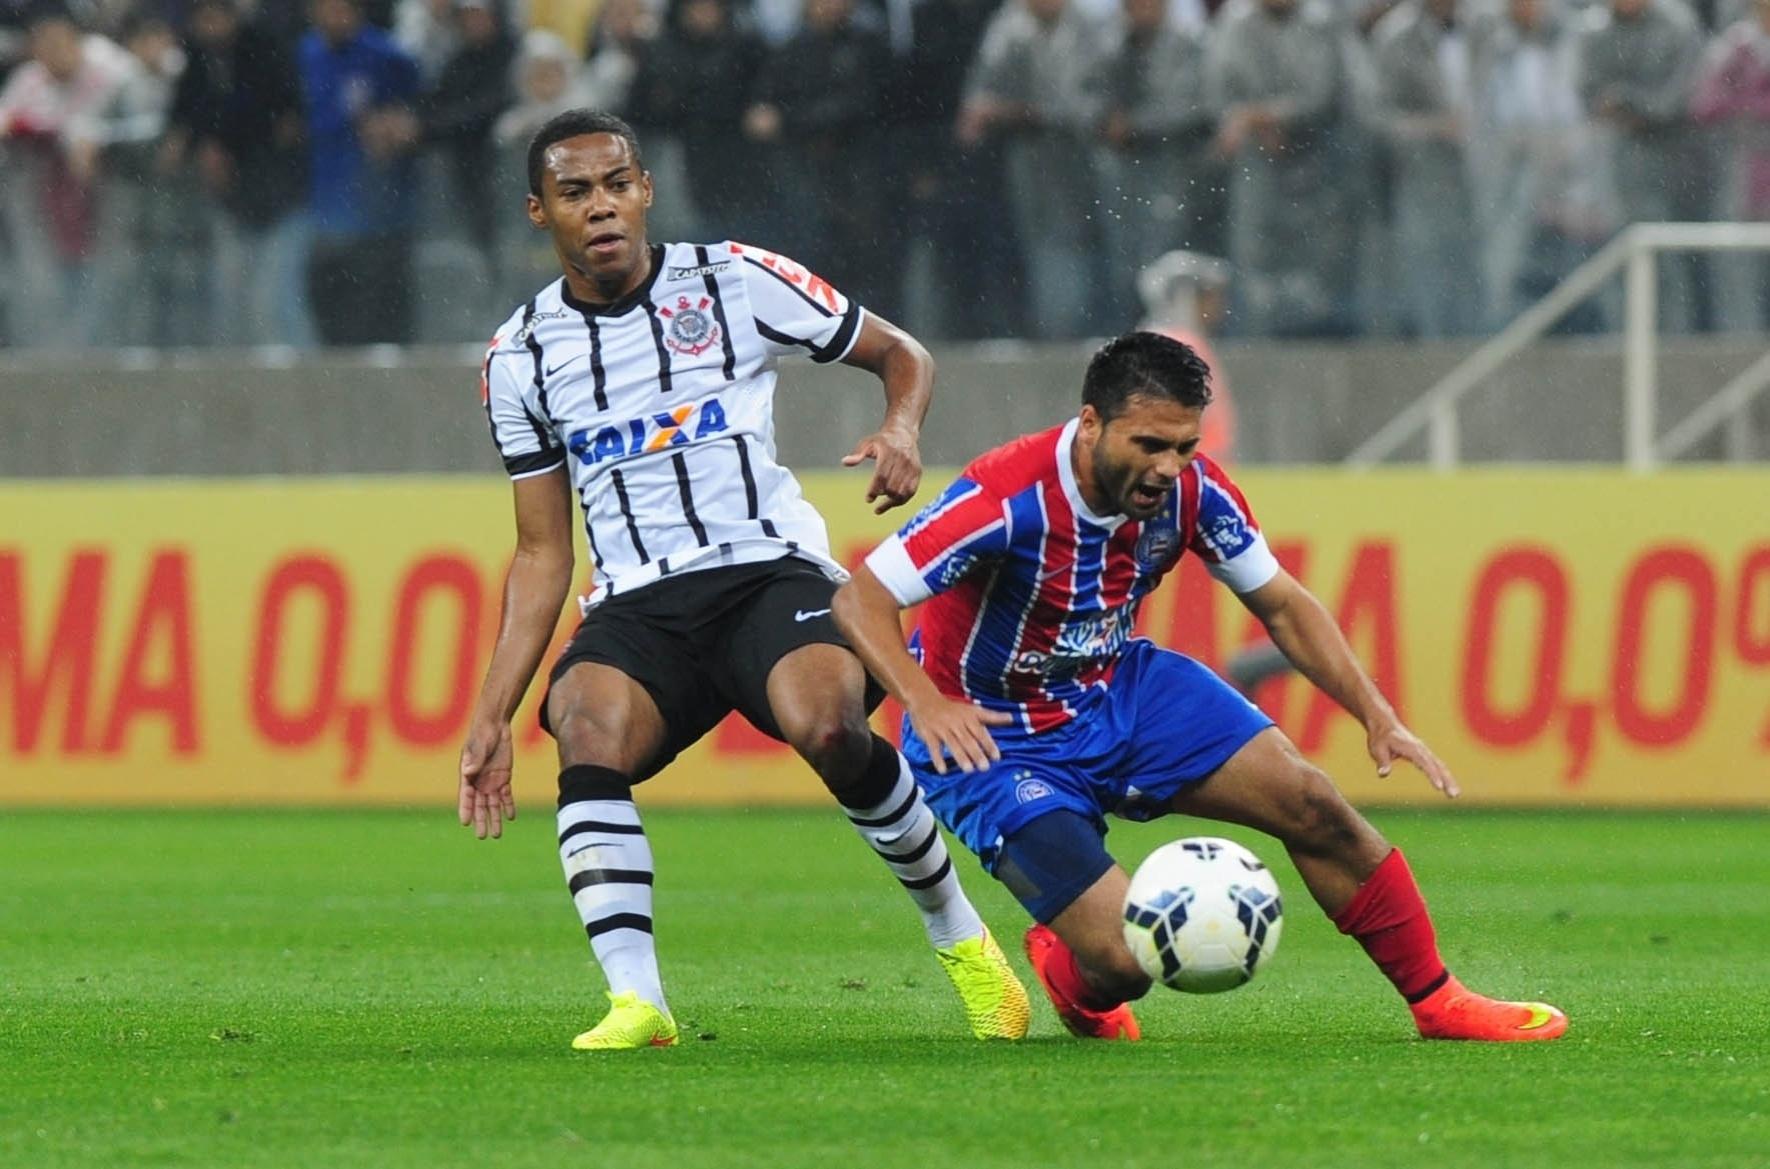 16.ago.2014 - Jogador do Bahia leva a pior com a marcação de Elias durante jogo do Corinthians no Itaquerão